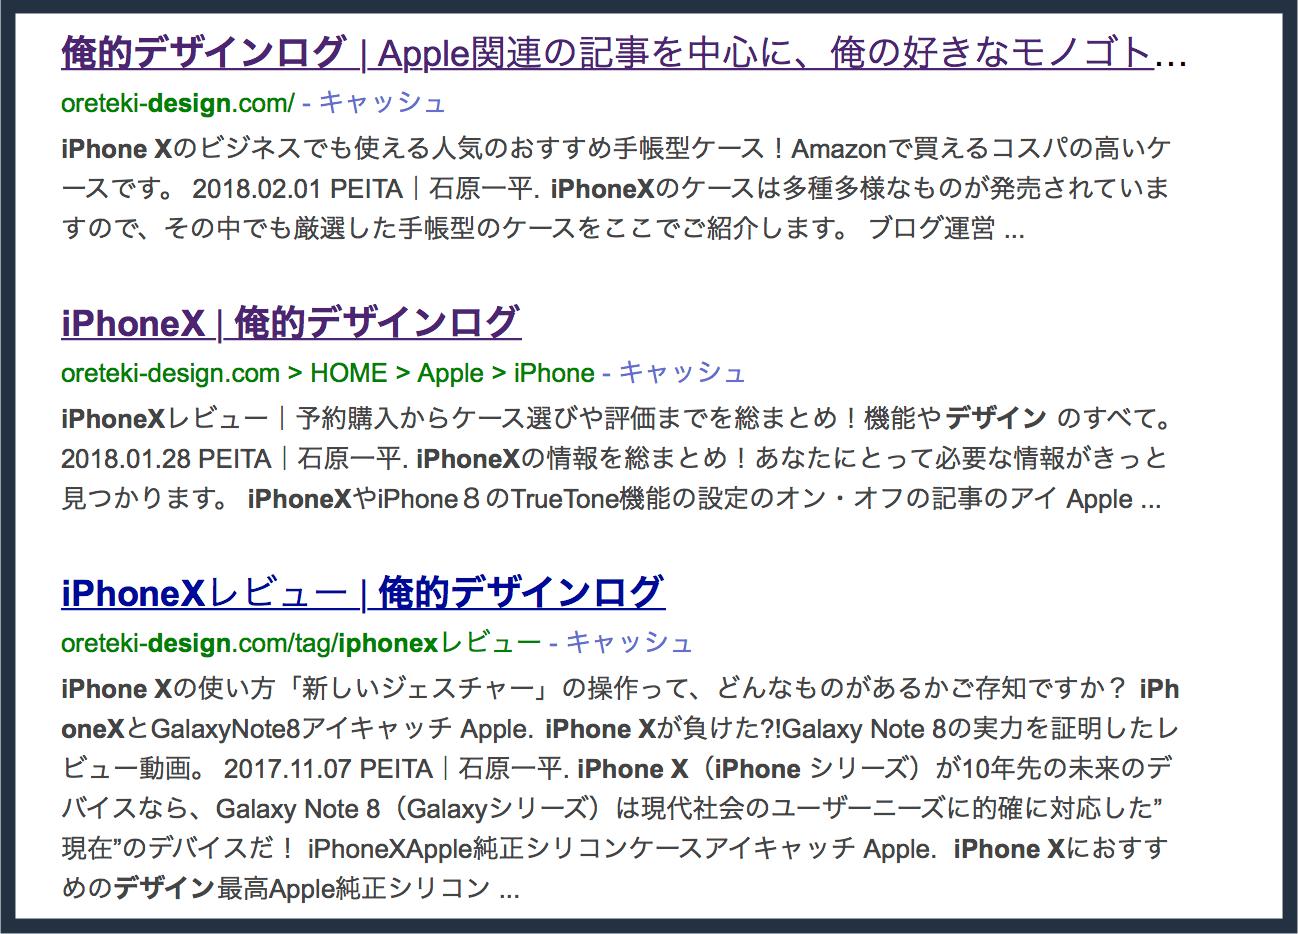 アイキャッチ画像ネット検索時非表示された画像